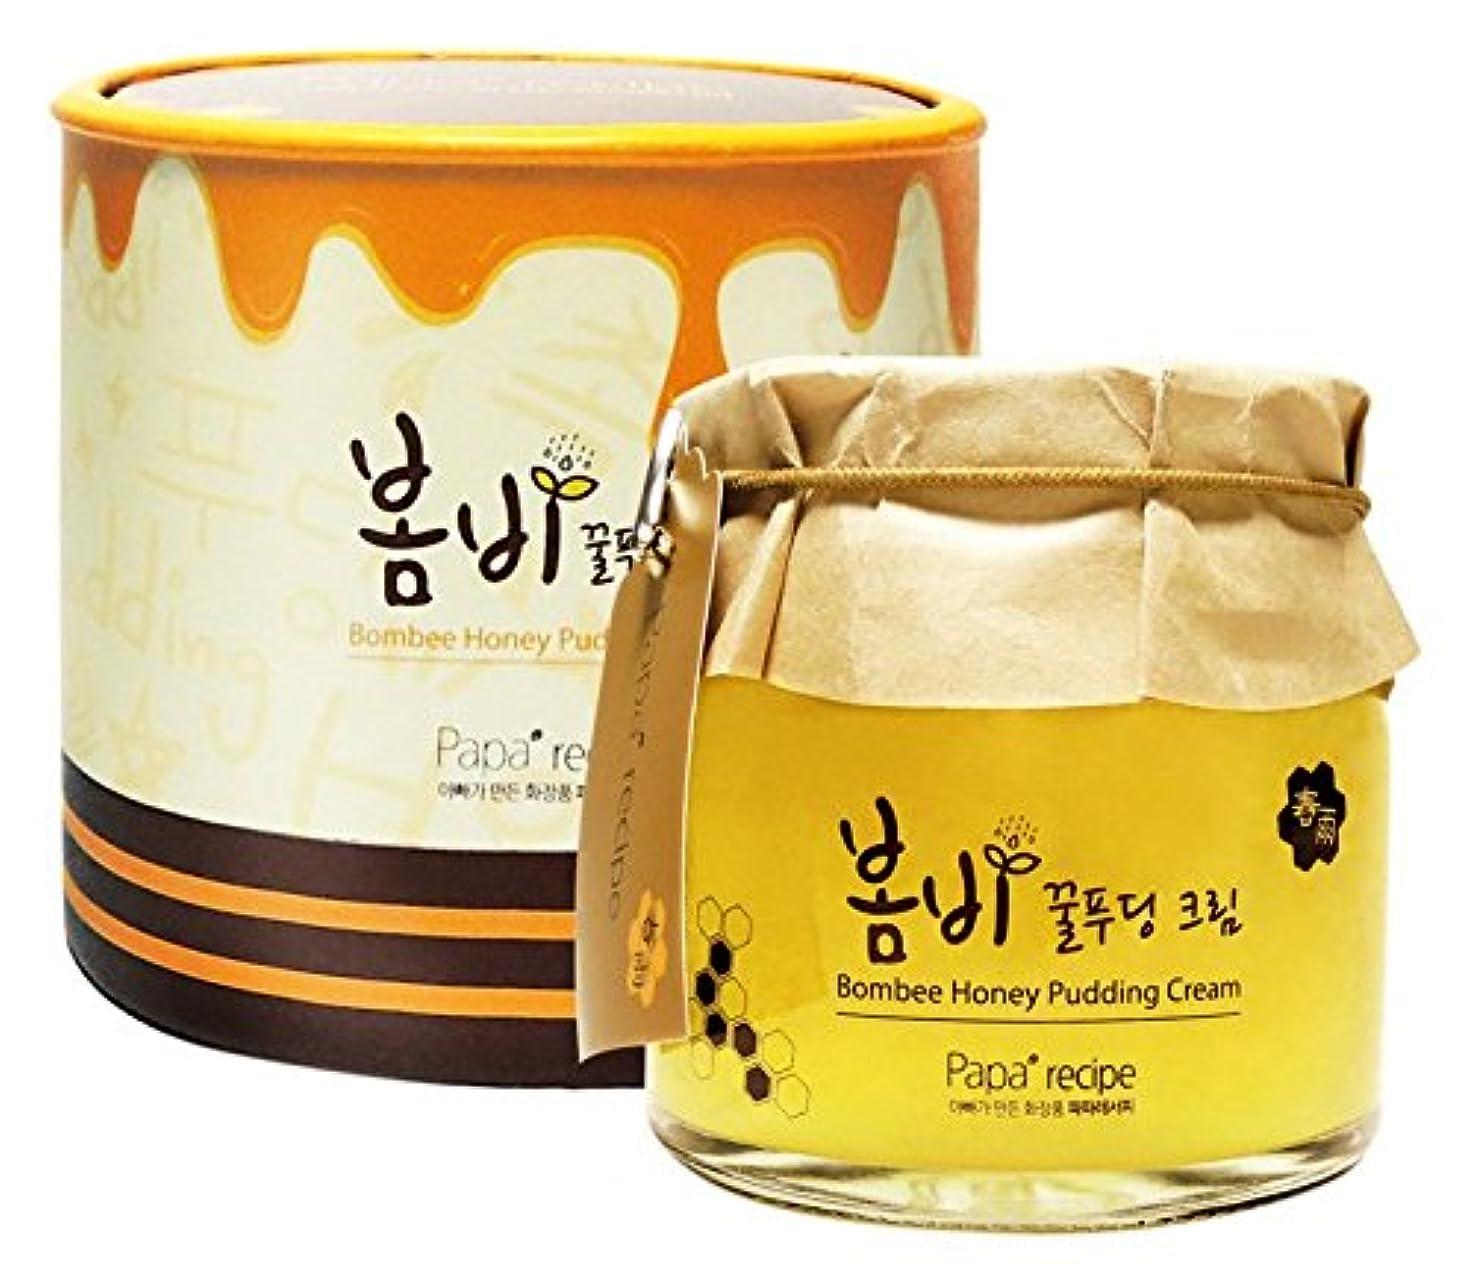 スクラッチジーンズ急行するPapa recipe Bombee Honey Pudding Cream 135ml/パパレシピ ボムビー ハニー プリン クリーム 135ml